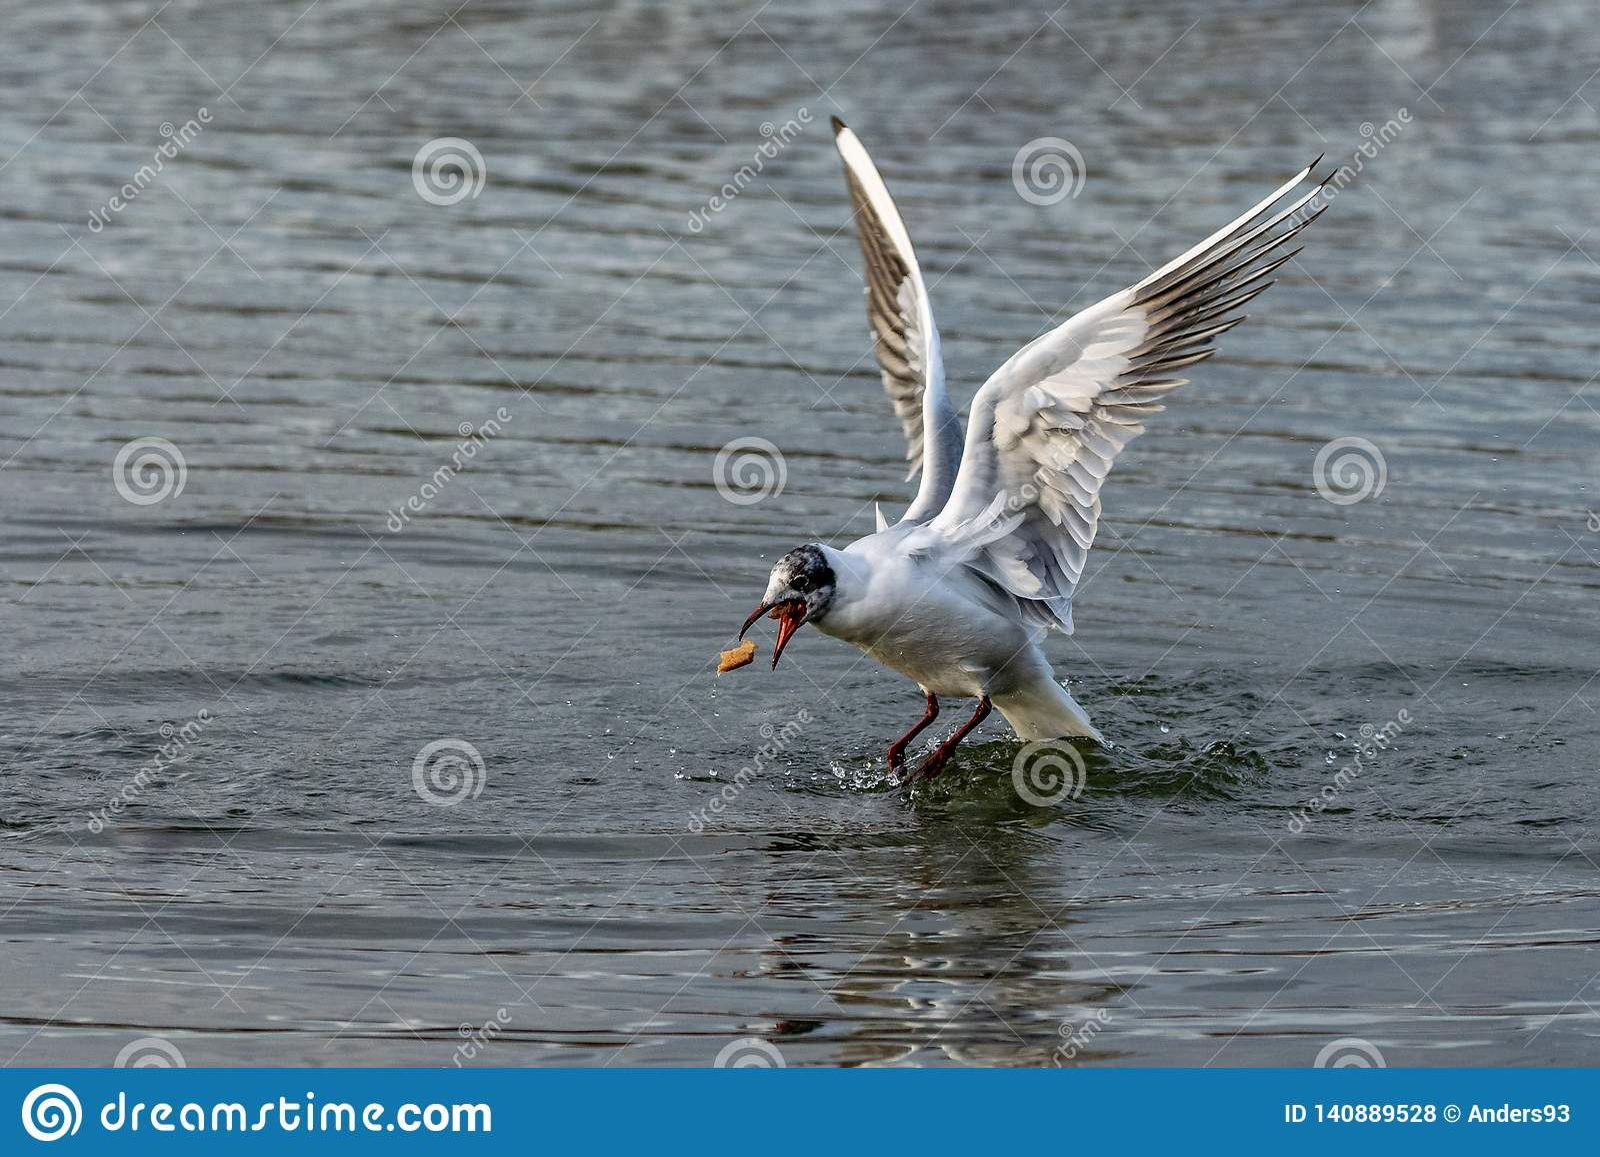 Μαυροκέφαλο seagull με το μεταβαλλόμενο φτέρωμα που πιάνει ένα κομμάτι του ψωμιού κατά την πτήση